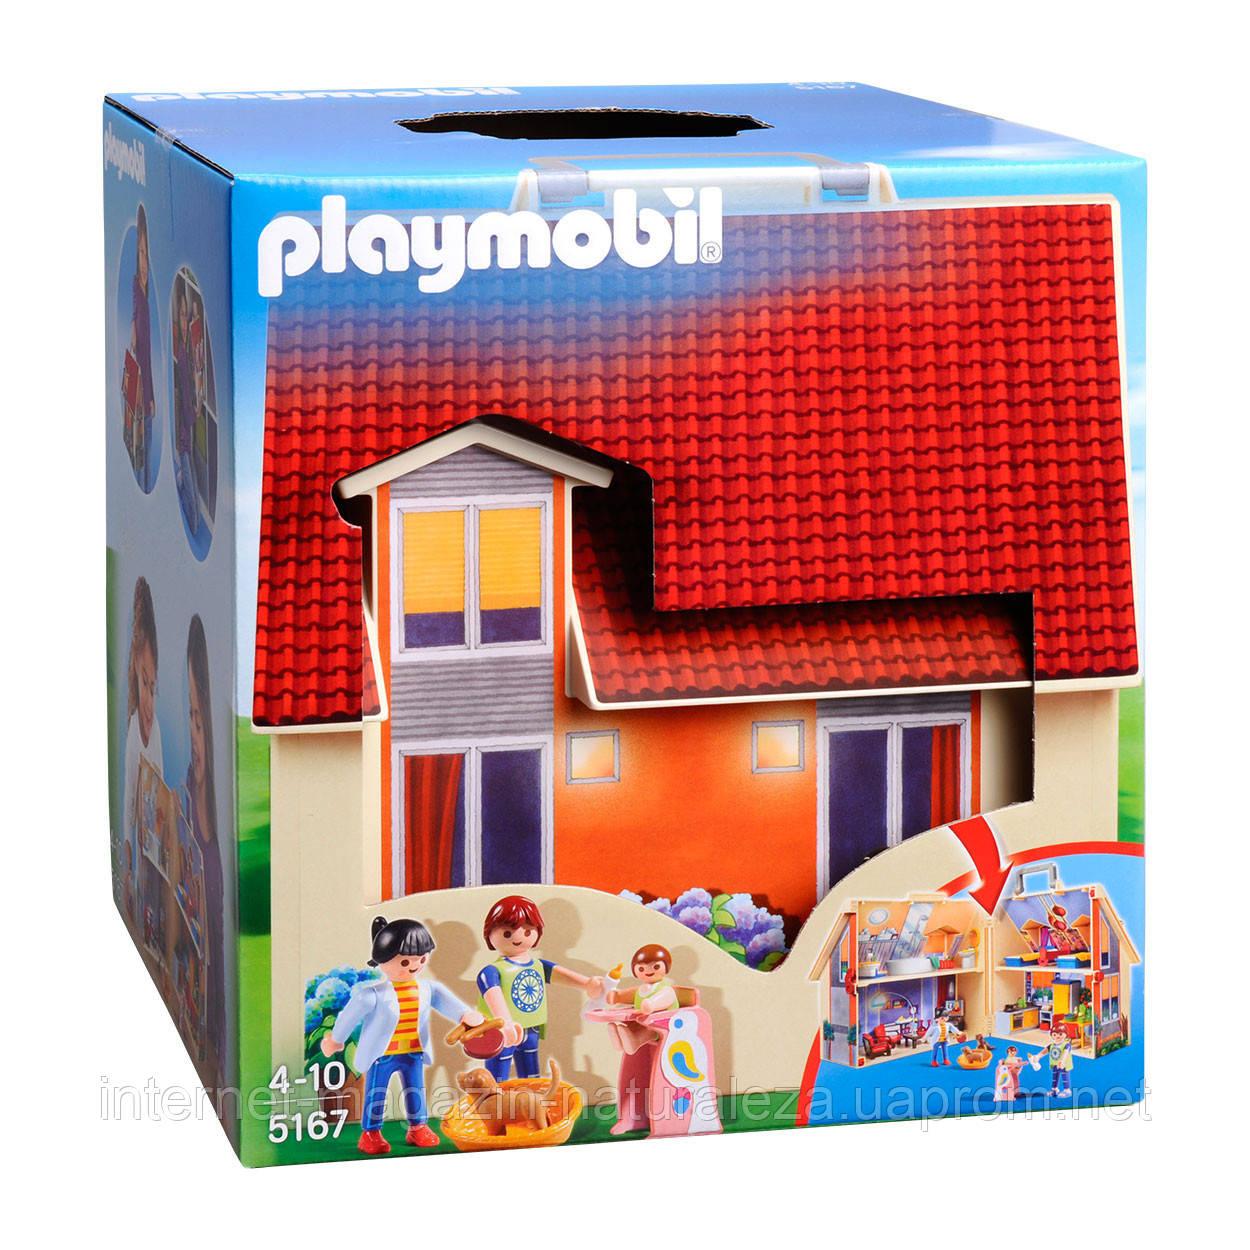 Кукольный дом Playmobil